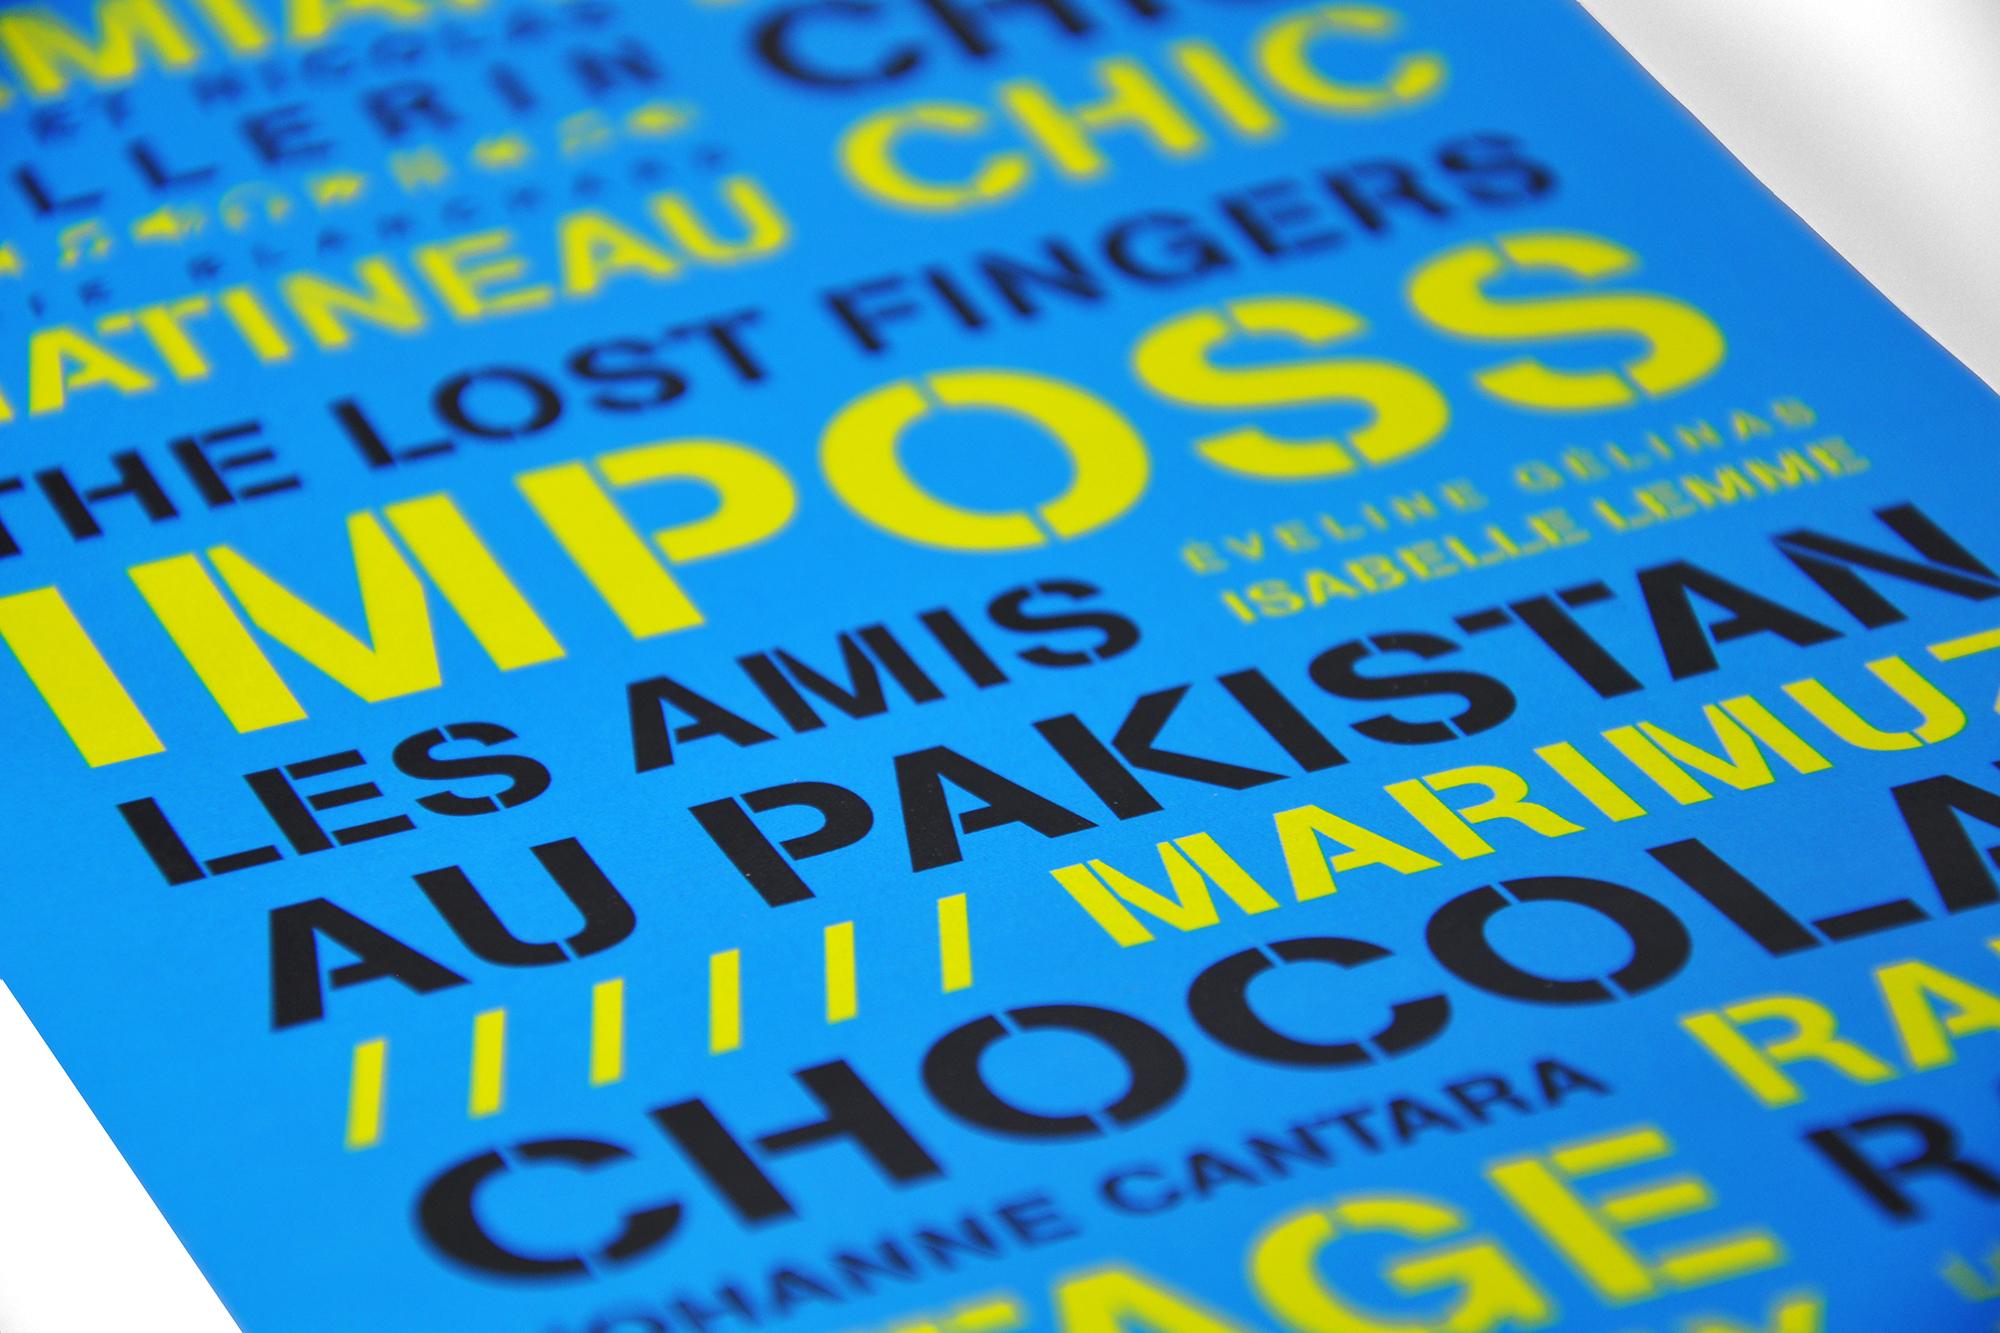 affichette typographique à l'intérieur de l'emballage